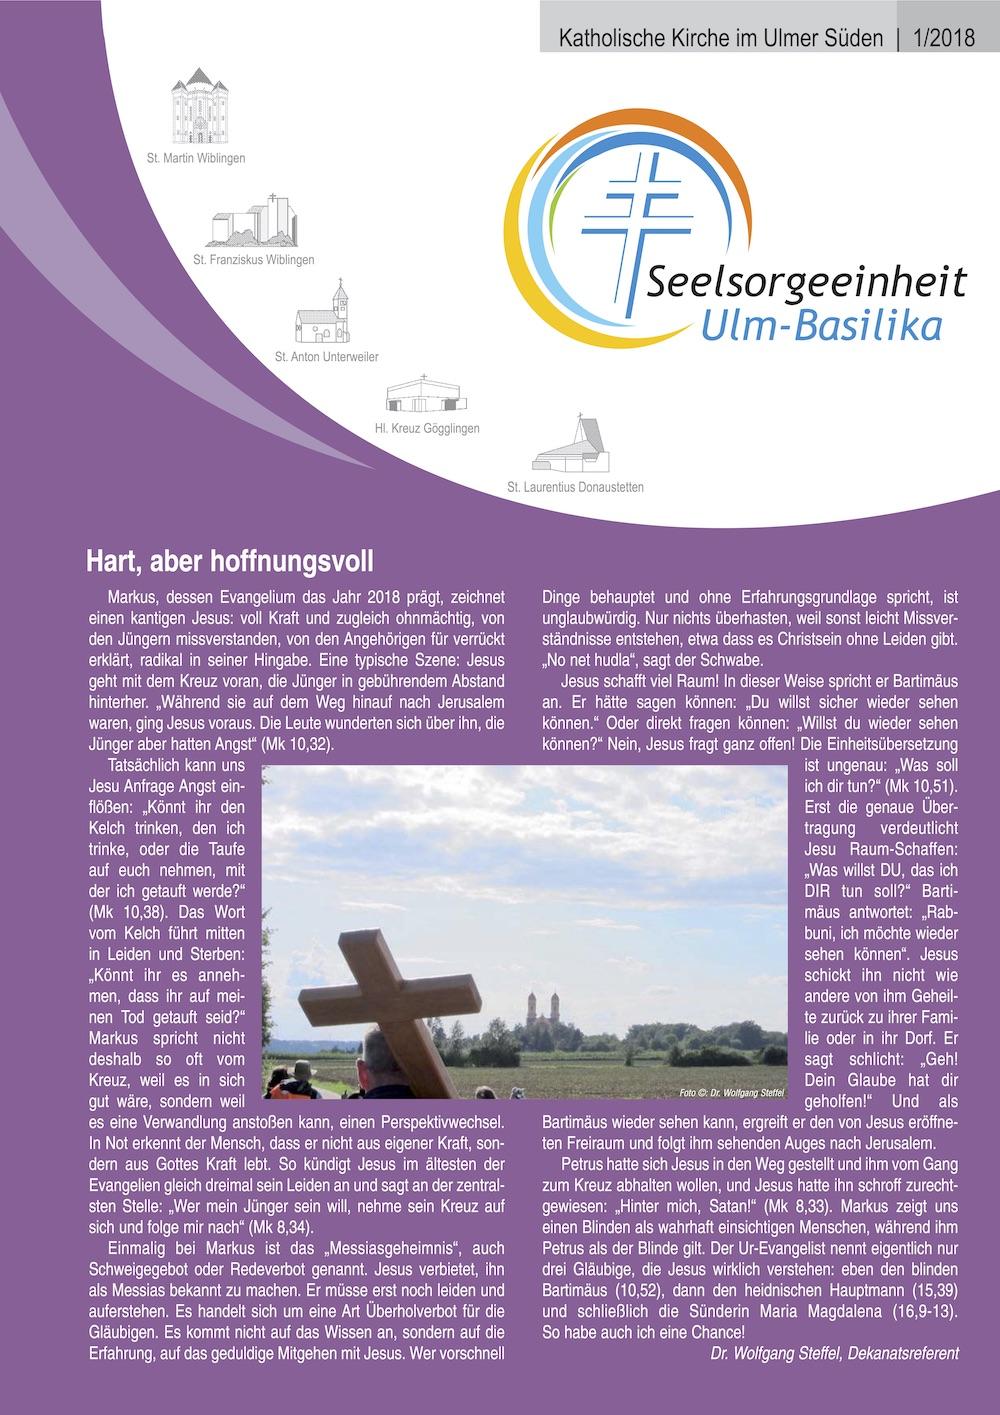 Katholische Kirche im Ulmer Süden 1-2018